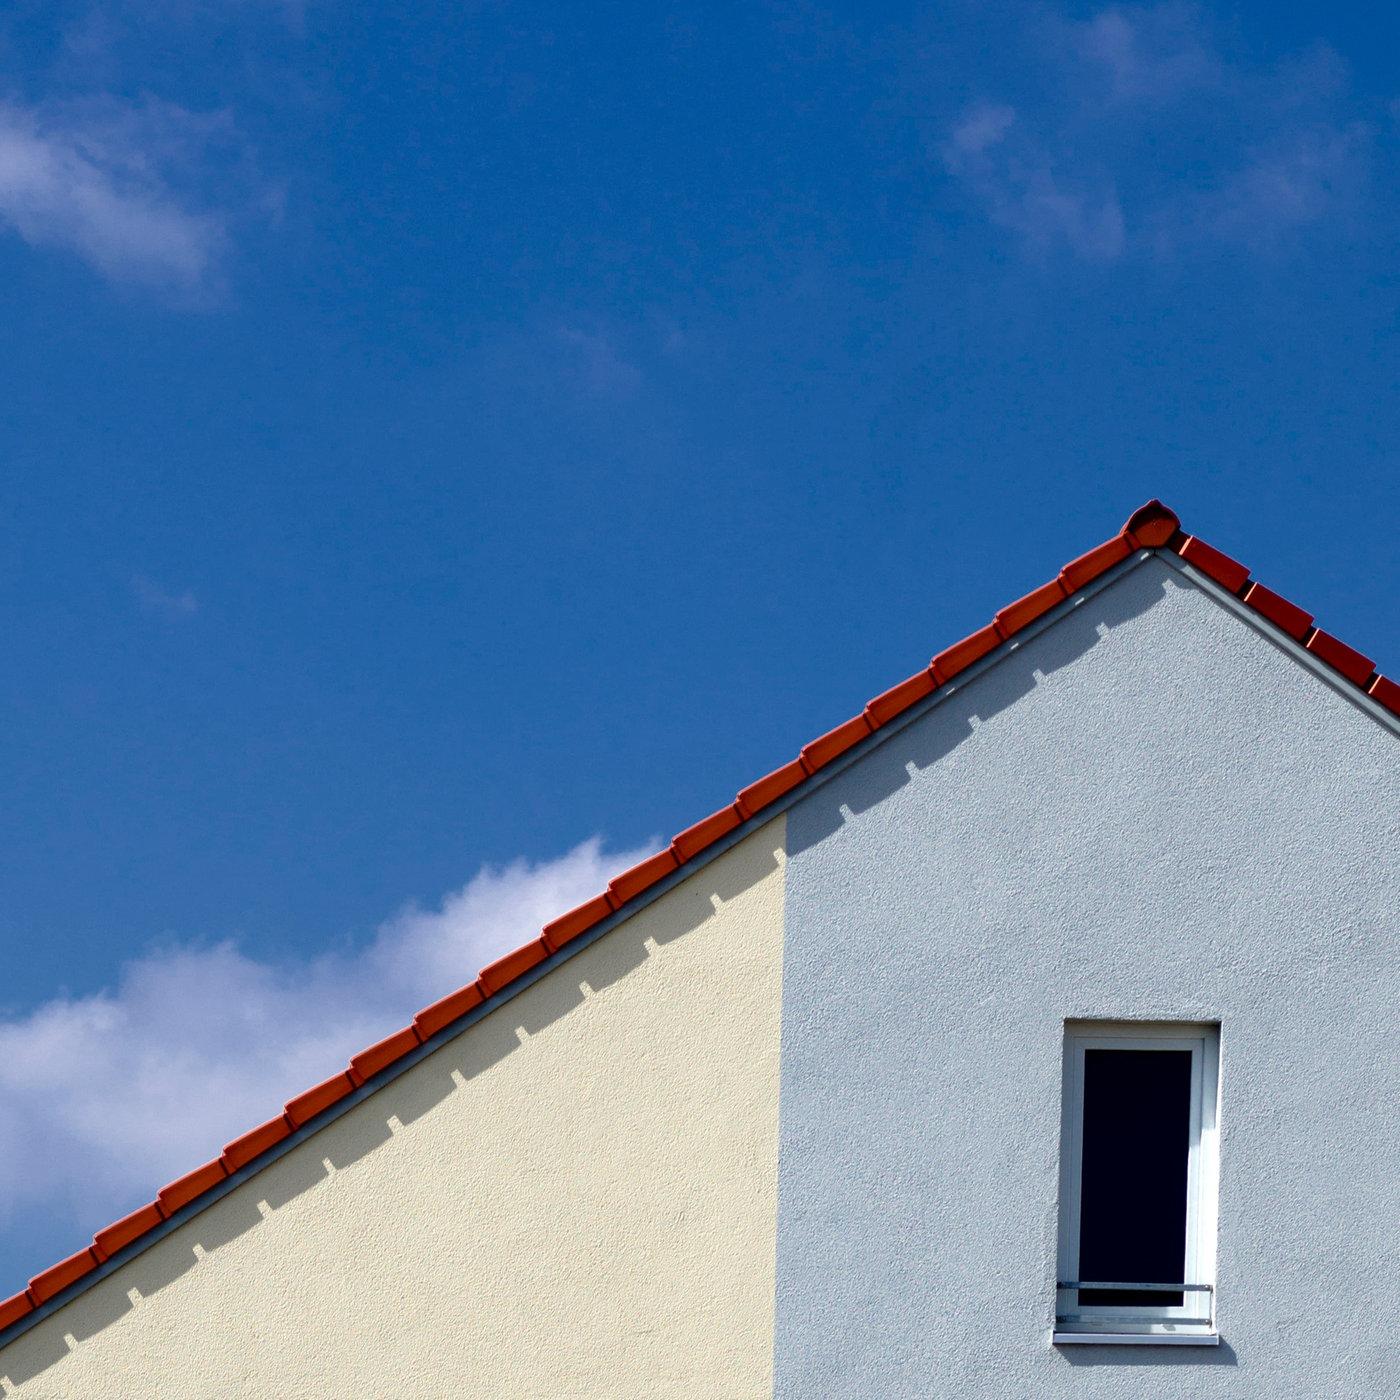 Fremder Schatten - Wer ist der merkwürdige Nachbar?